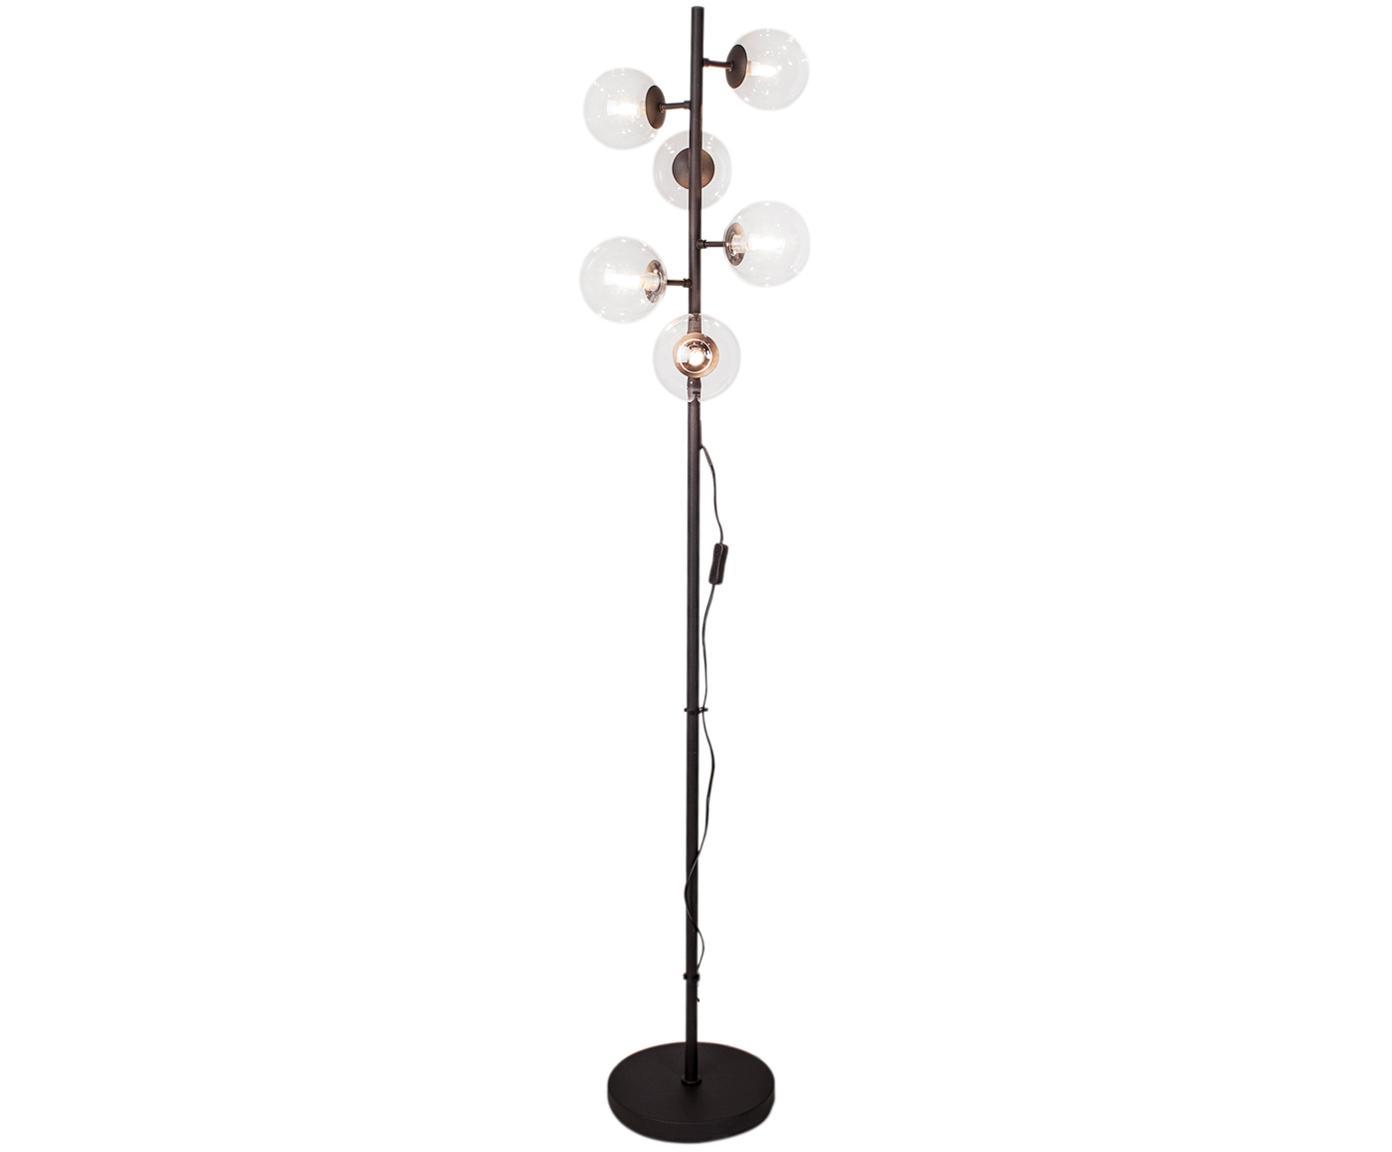 Stehlampe Move, mehrflammig, Lampenschirm: Glas, Lampenfuß: Metall, beschichtet, Schwarz, Transparent, Ø 35 x H 160 cm